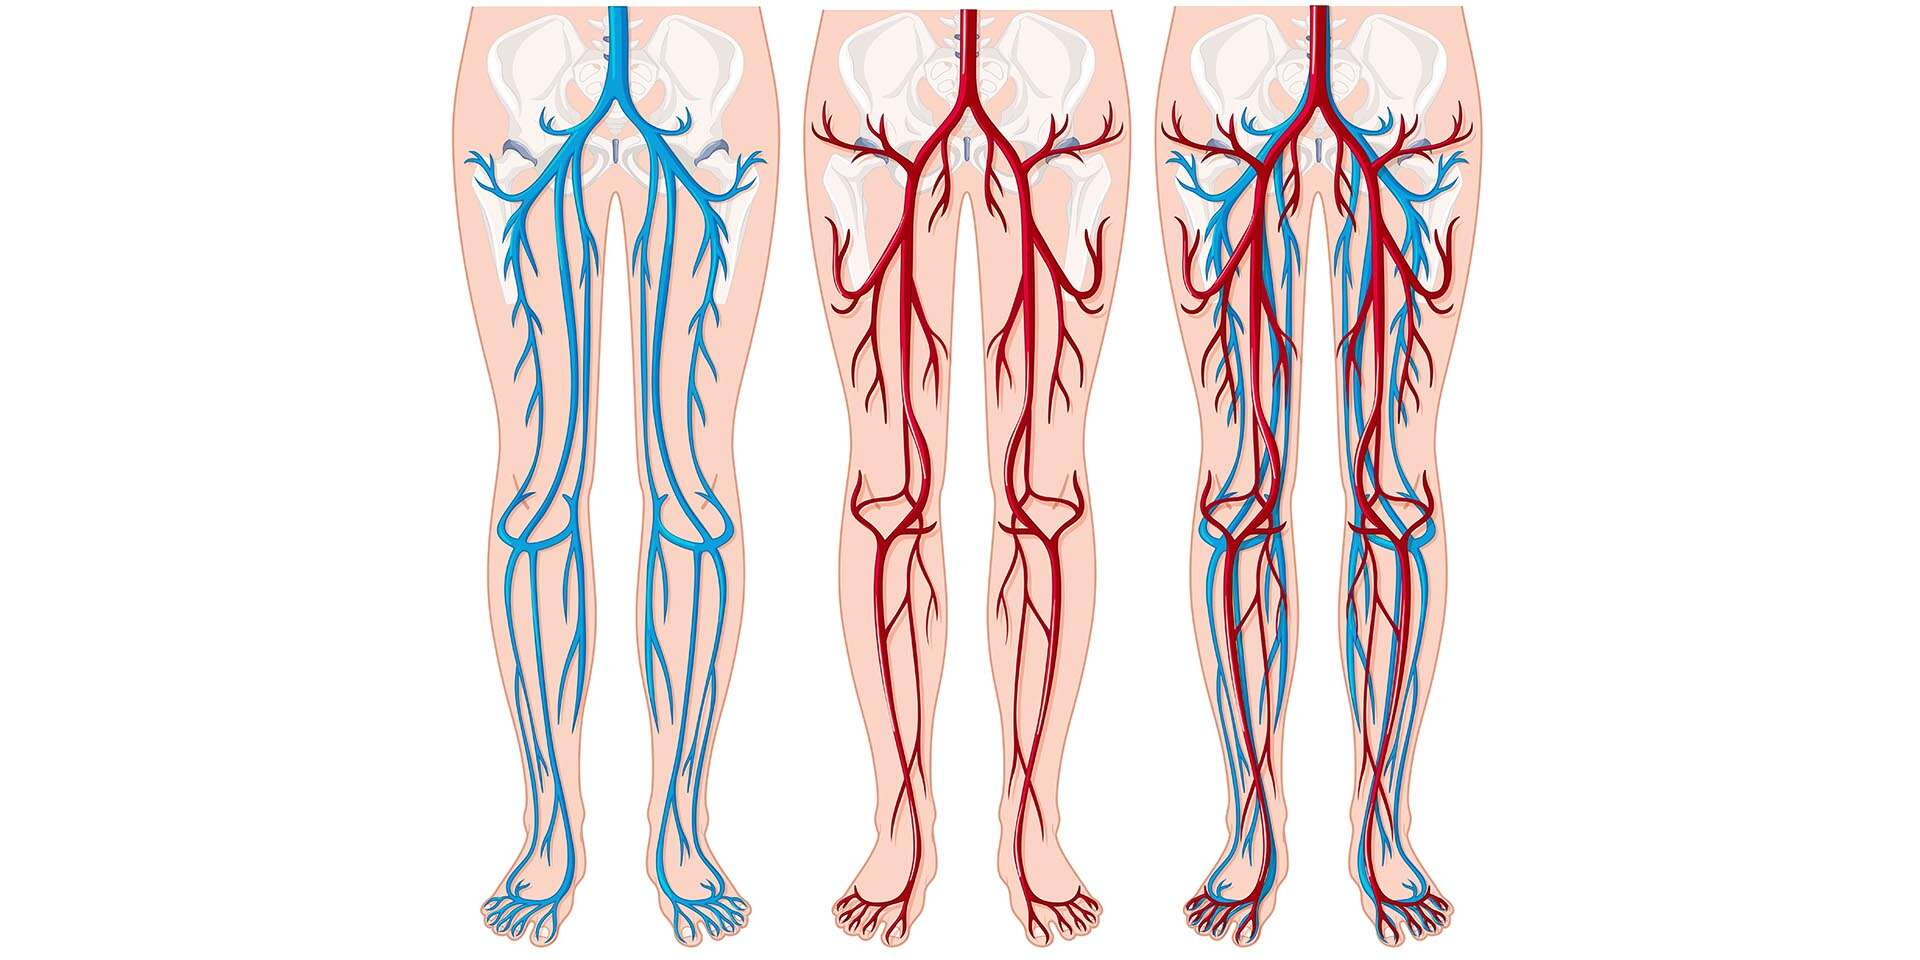 Ultrasonografia - moderné vyšetrenie ciev dolných končatín v MDc...